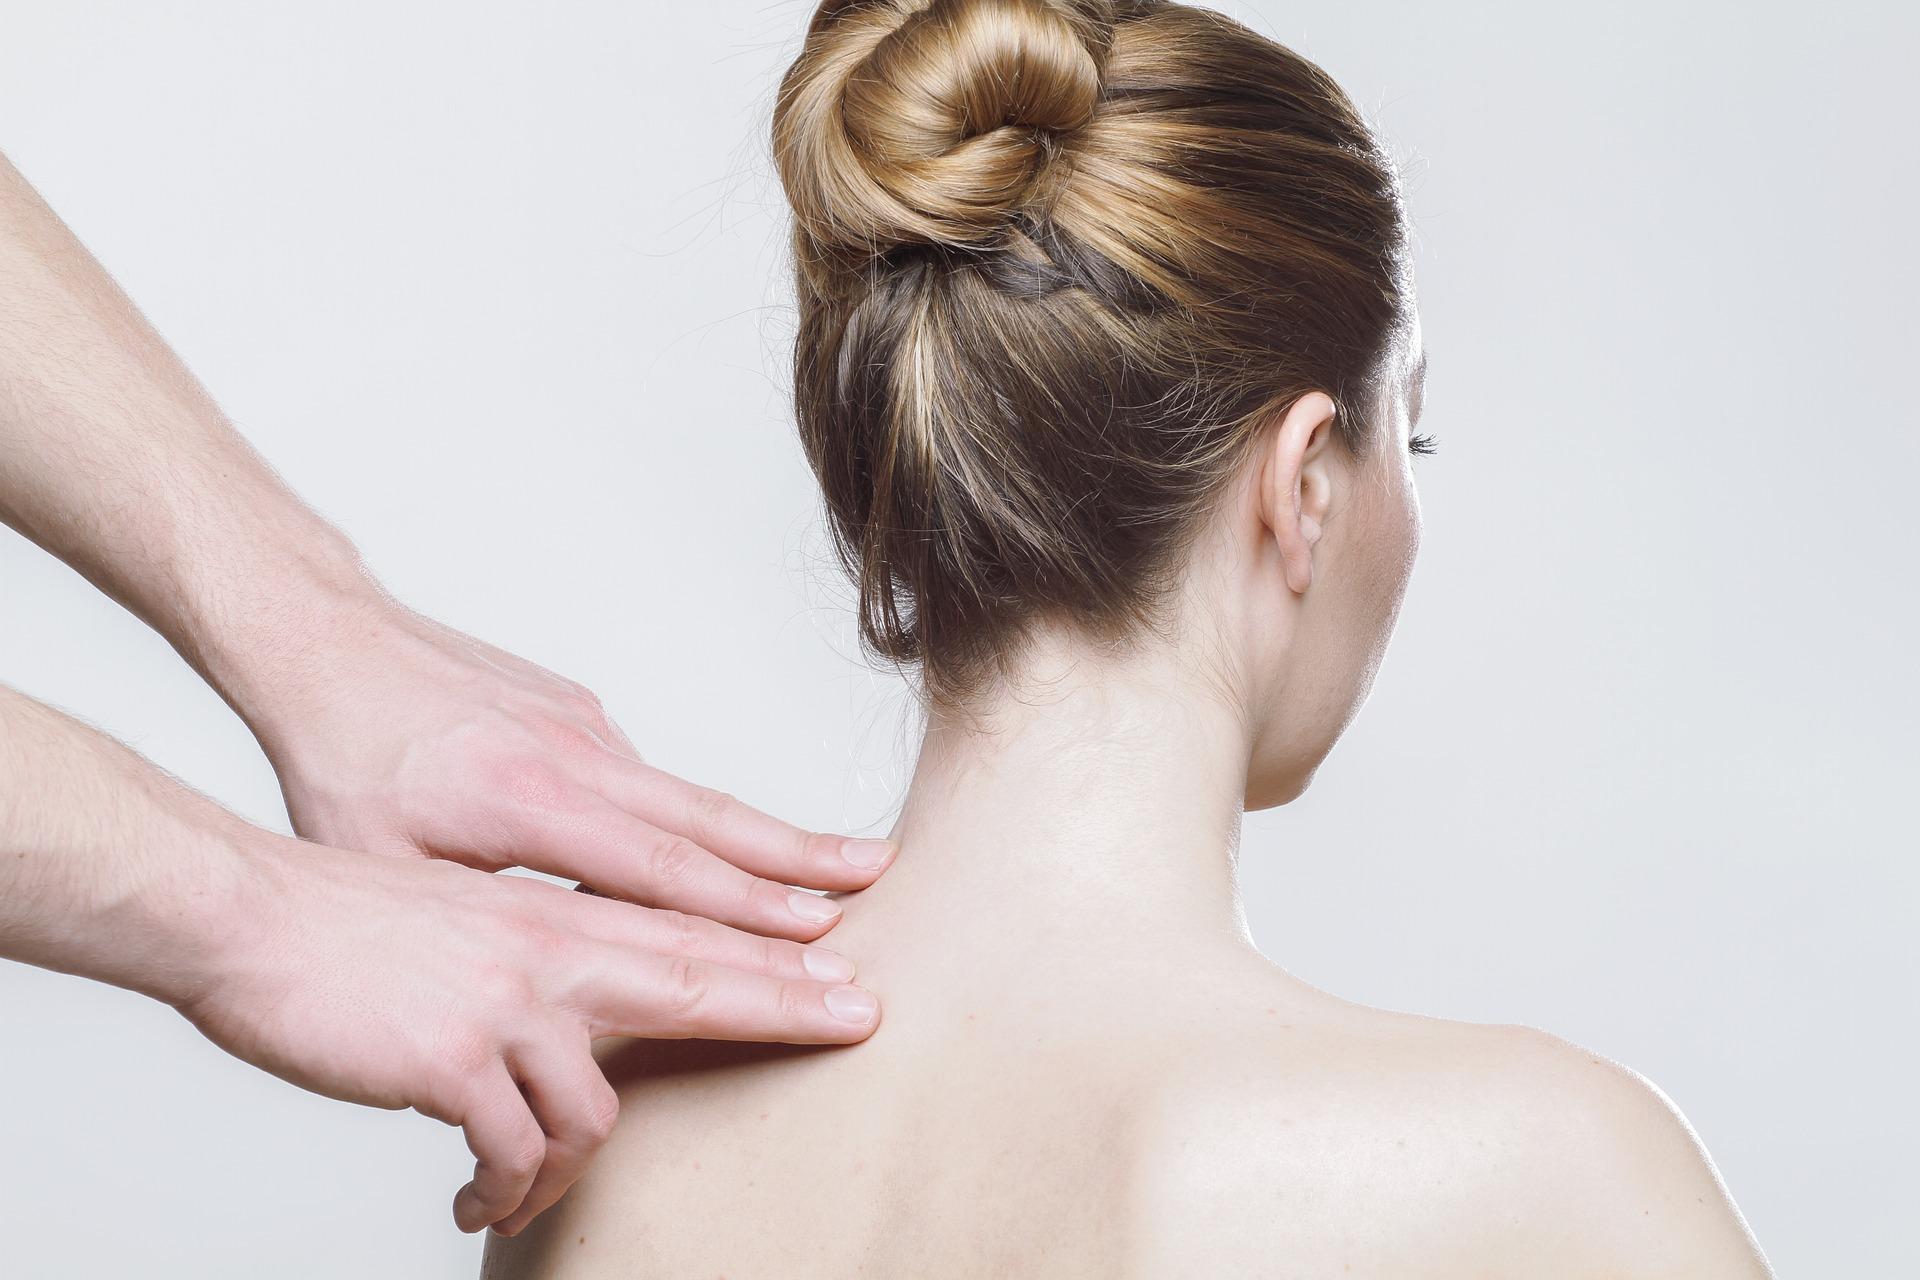 Vestibular rehab Abbotsford